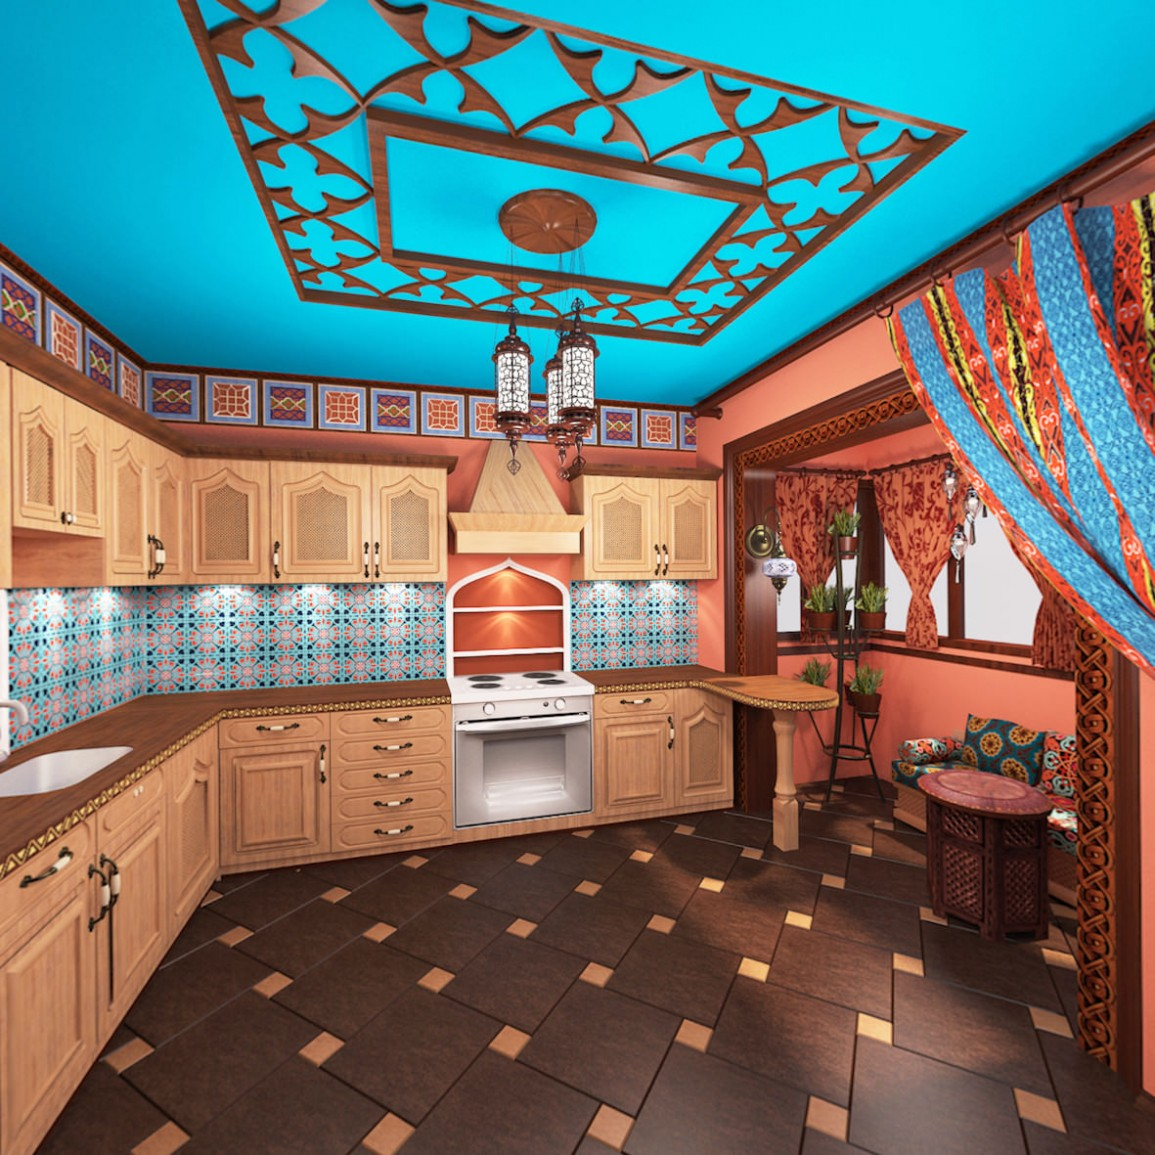 Отделка стен кухни в индийском стиле